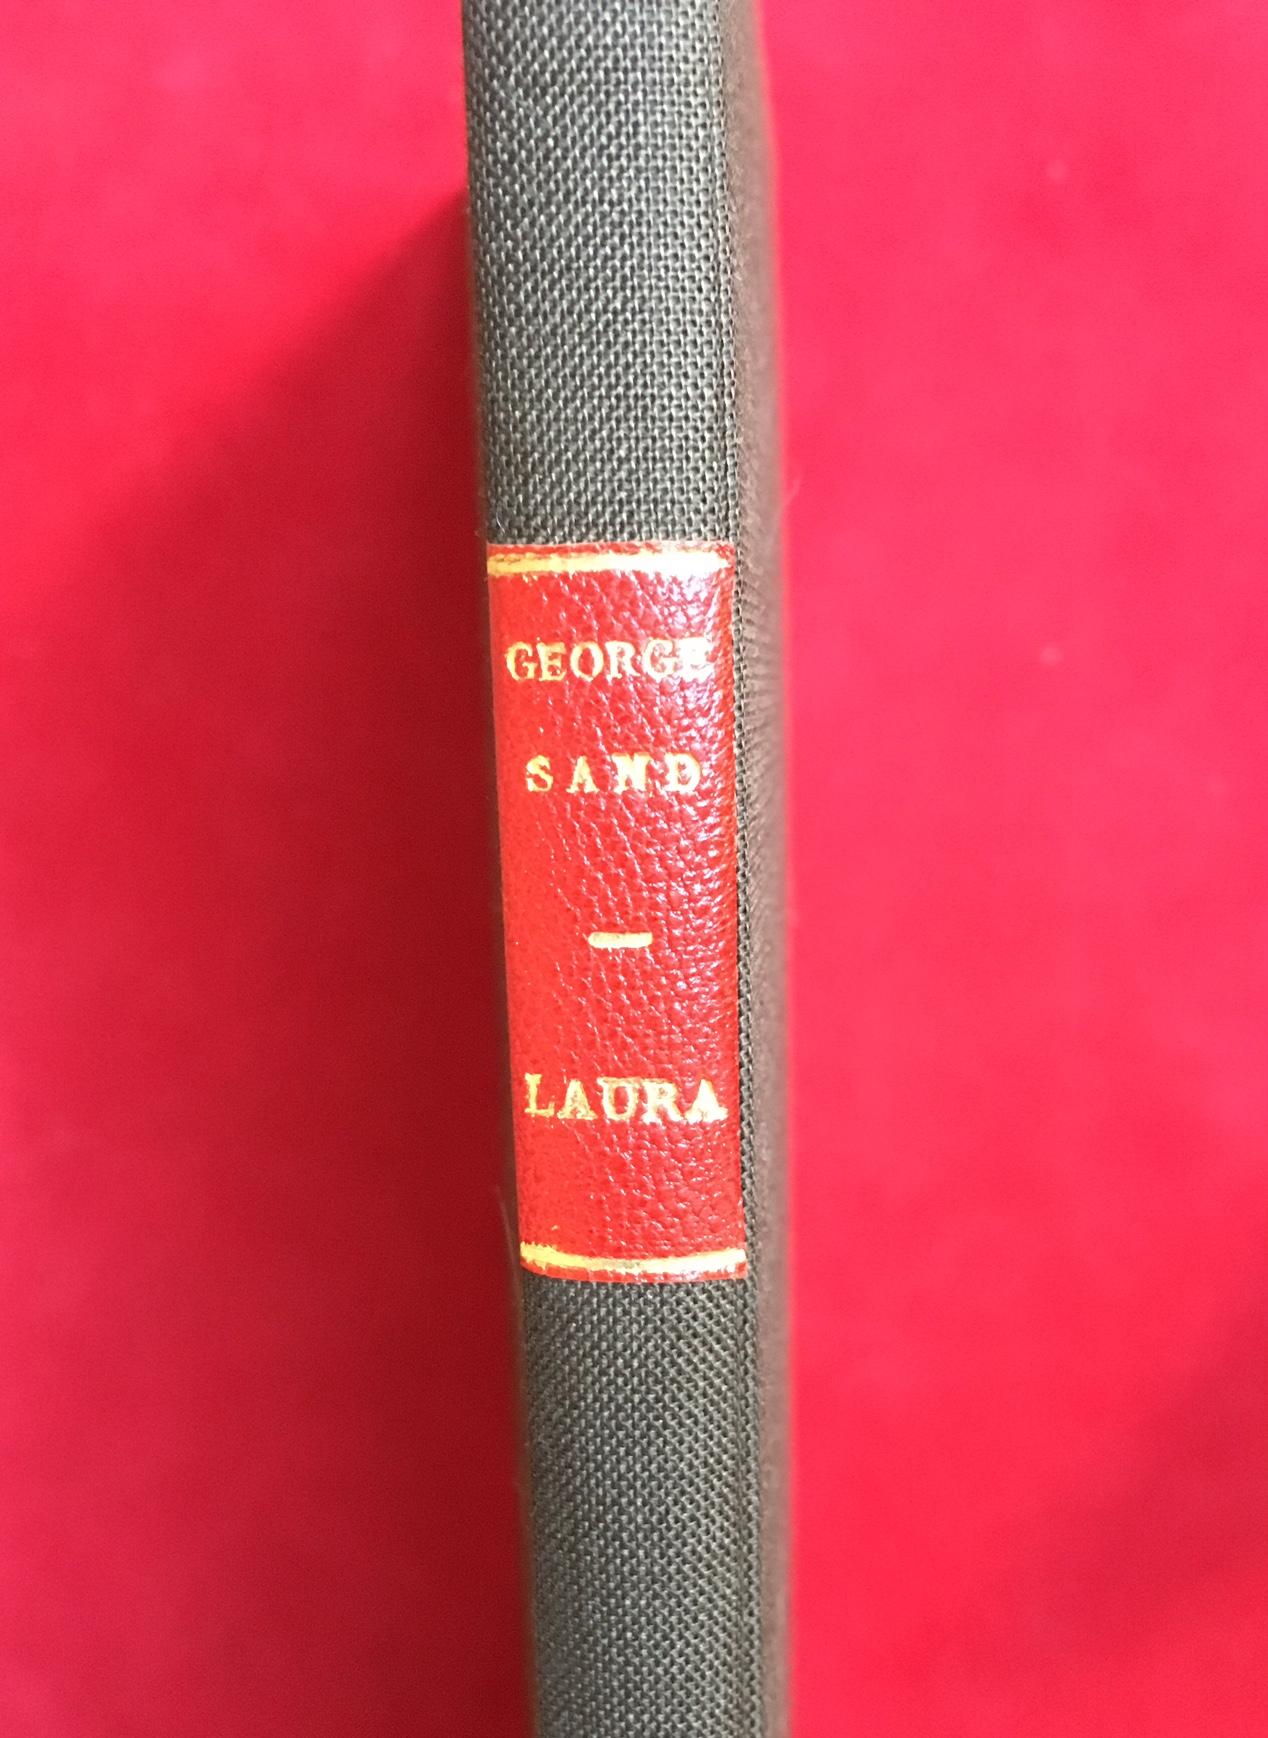 Laura edition originale